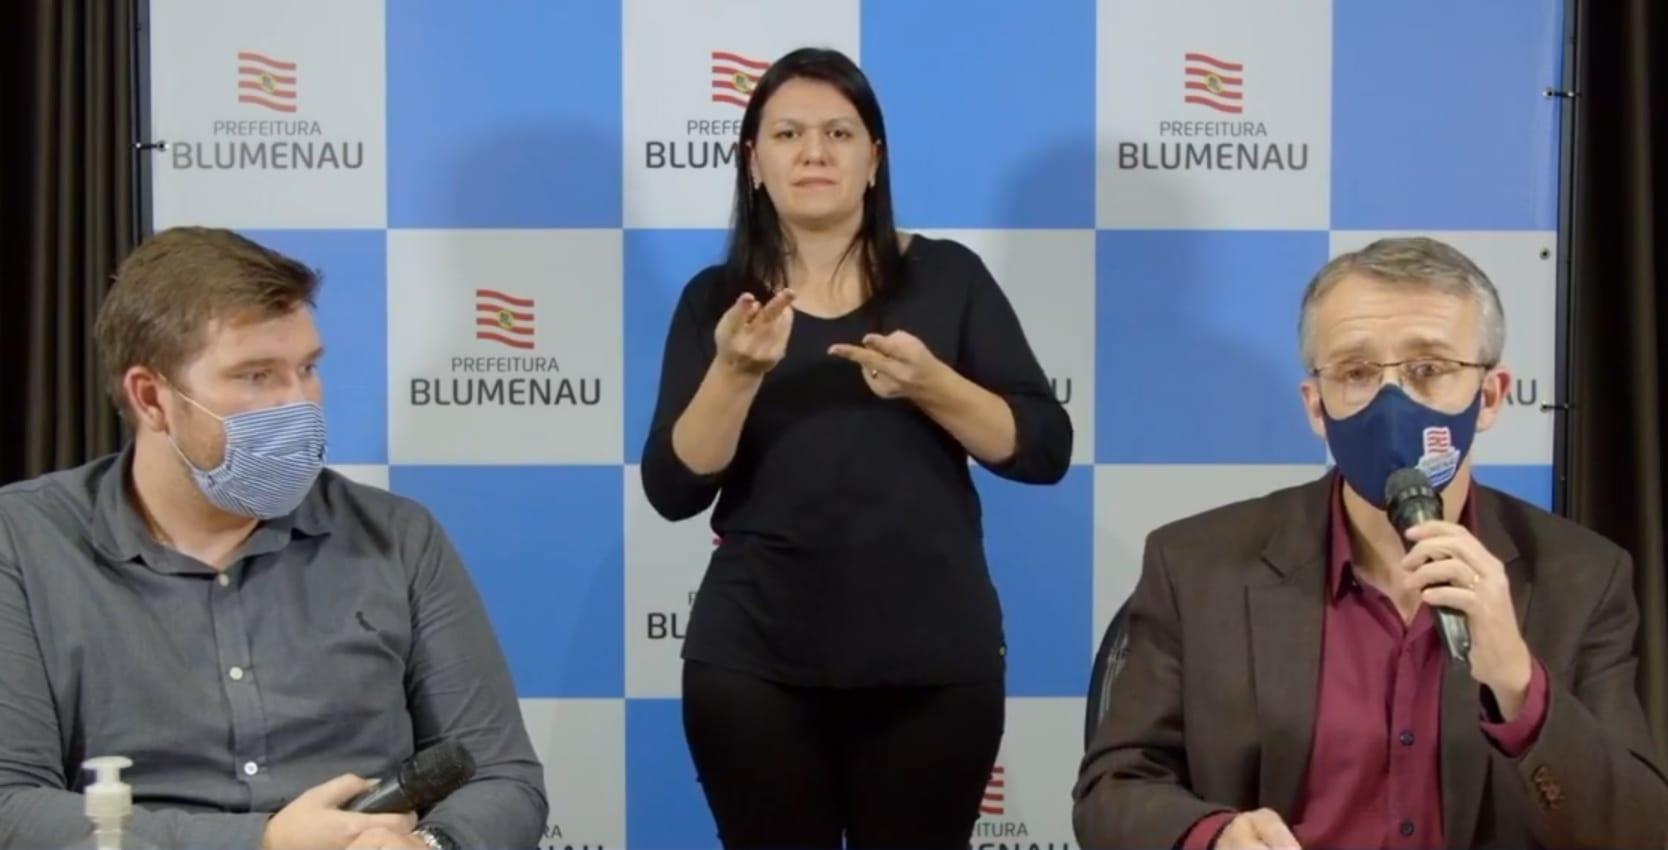 Prefeito de Blumenau Mário Hildebrandt durante coletiva - imagem da assessoria